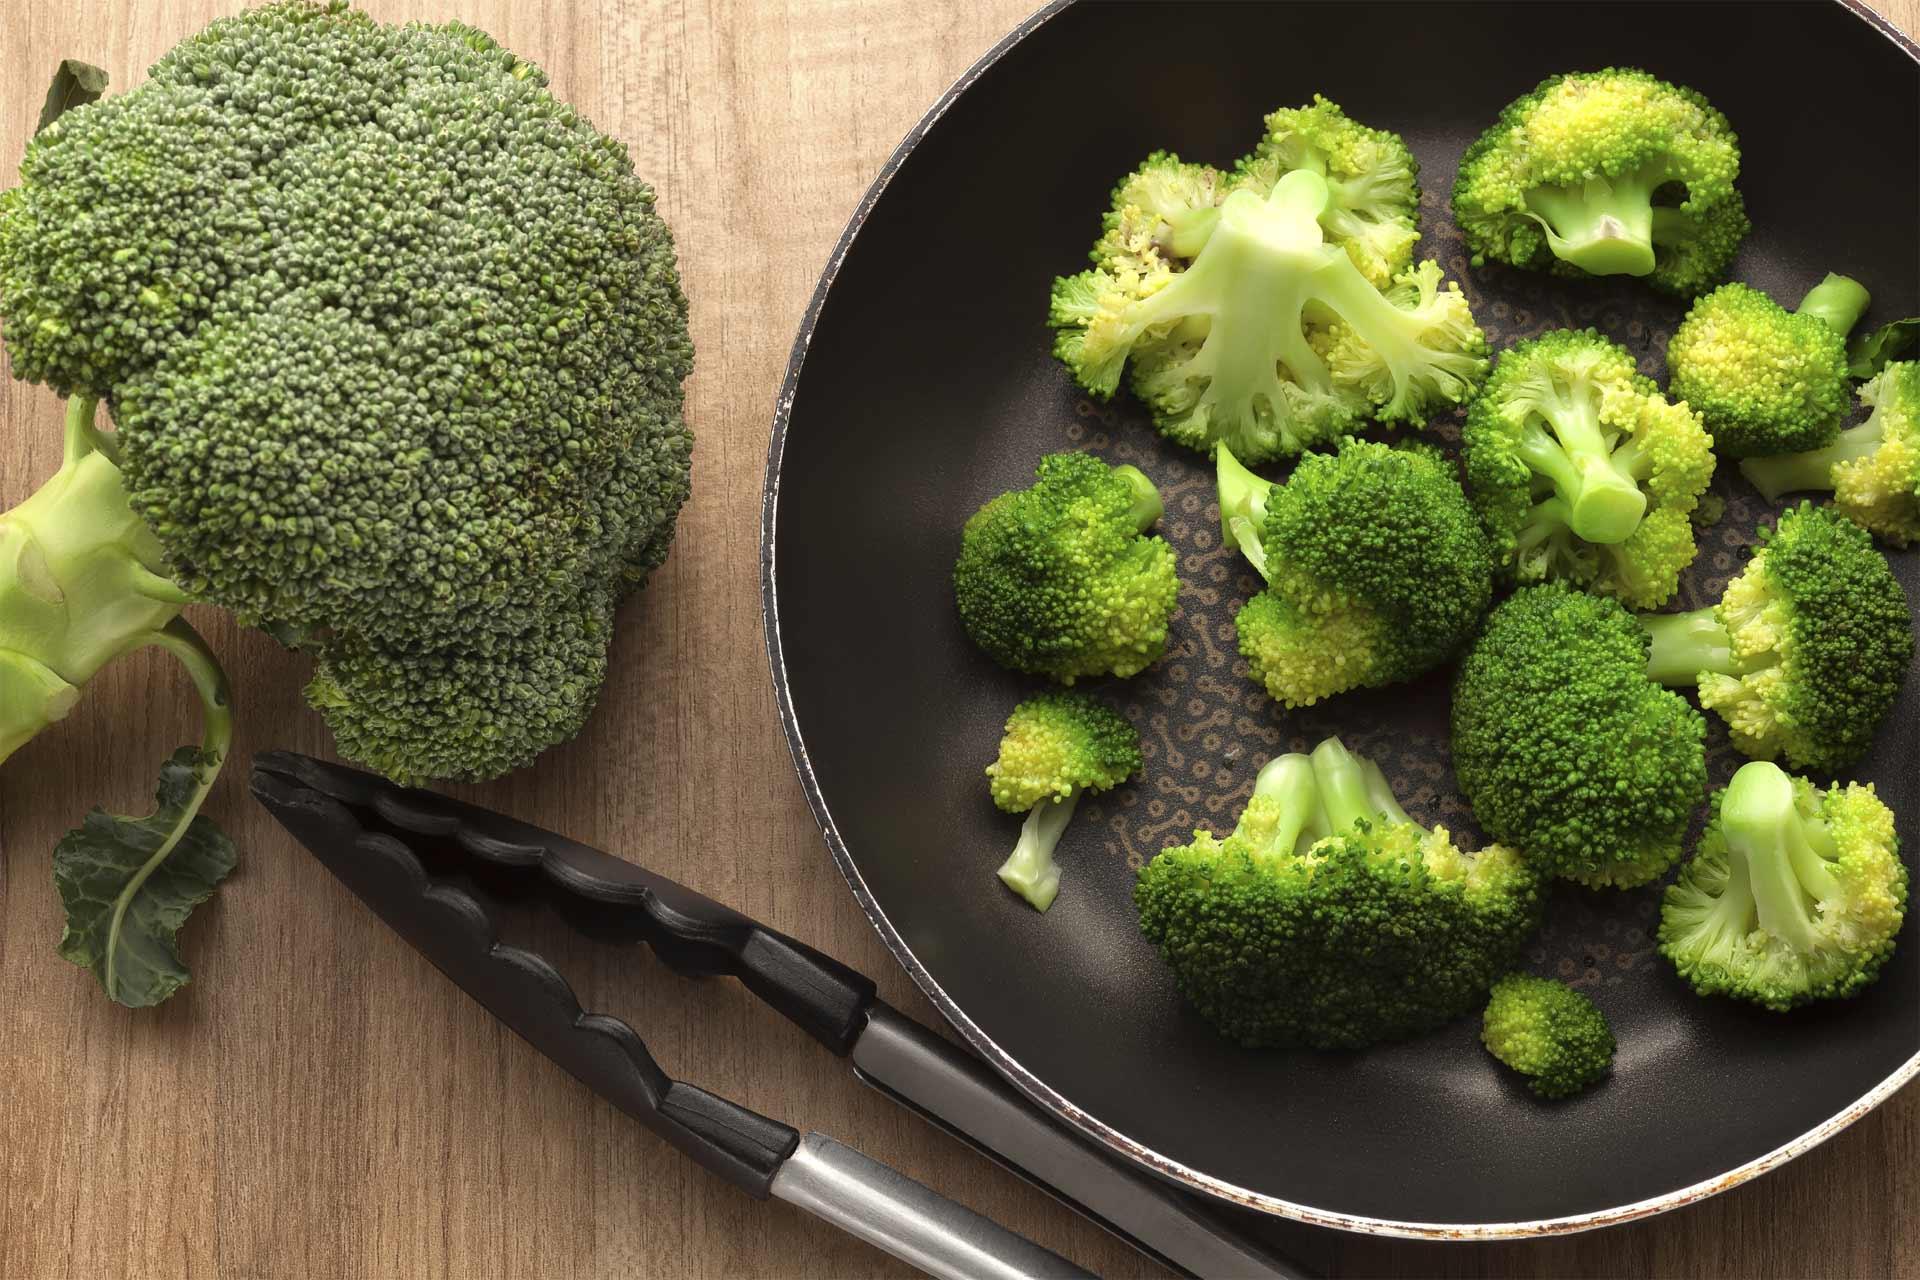 Para aprovechar al máximo las propiedades de este súper alimento, es necesario prepararlo de forma correcta para que mantenga sus nutrientes